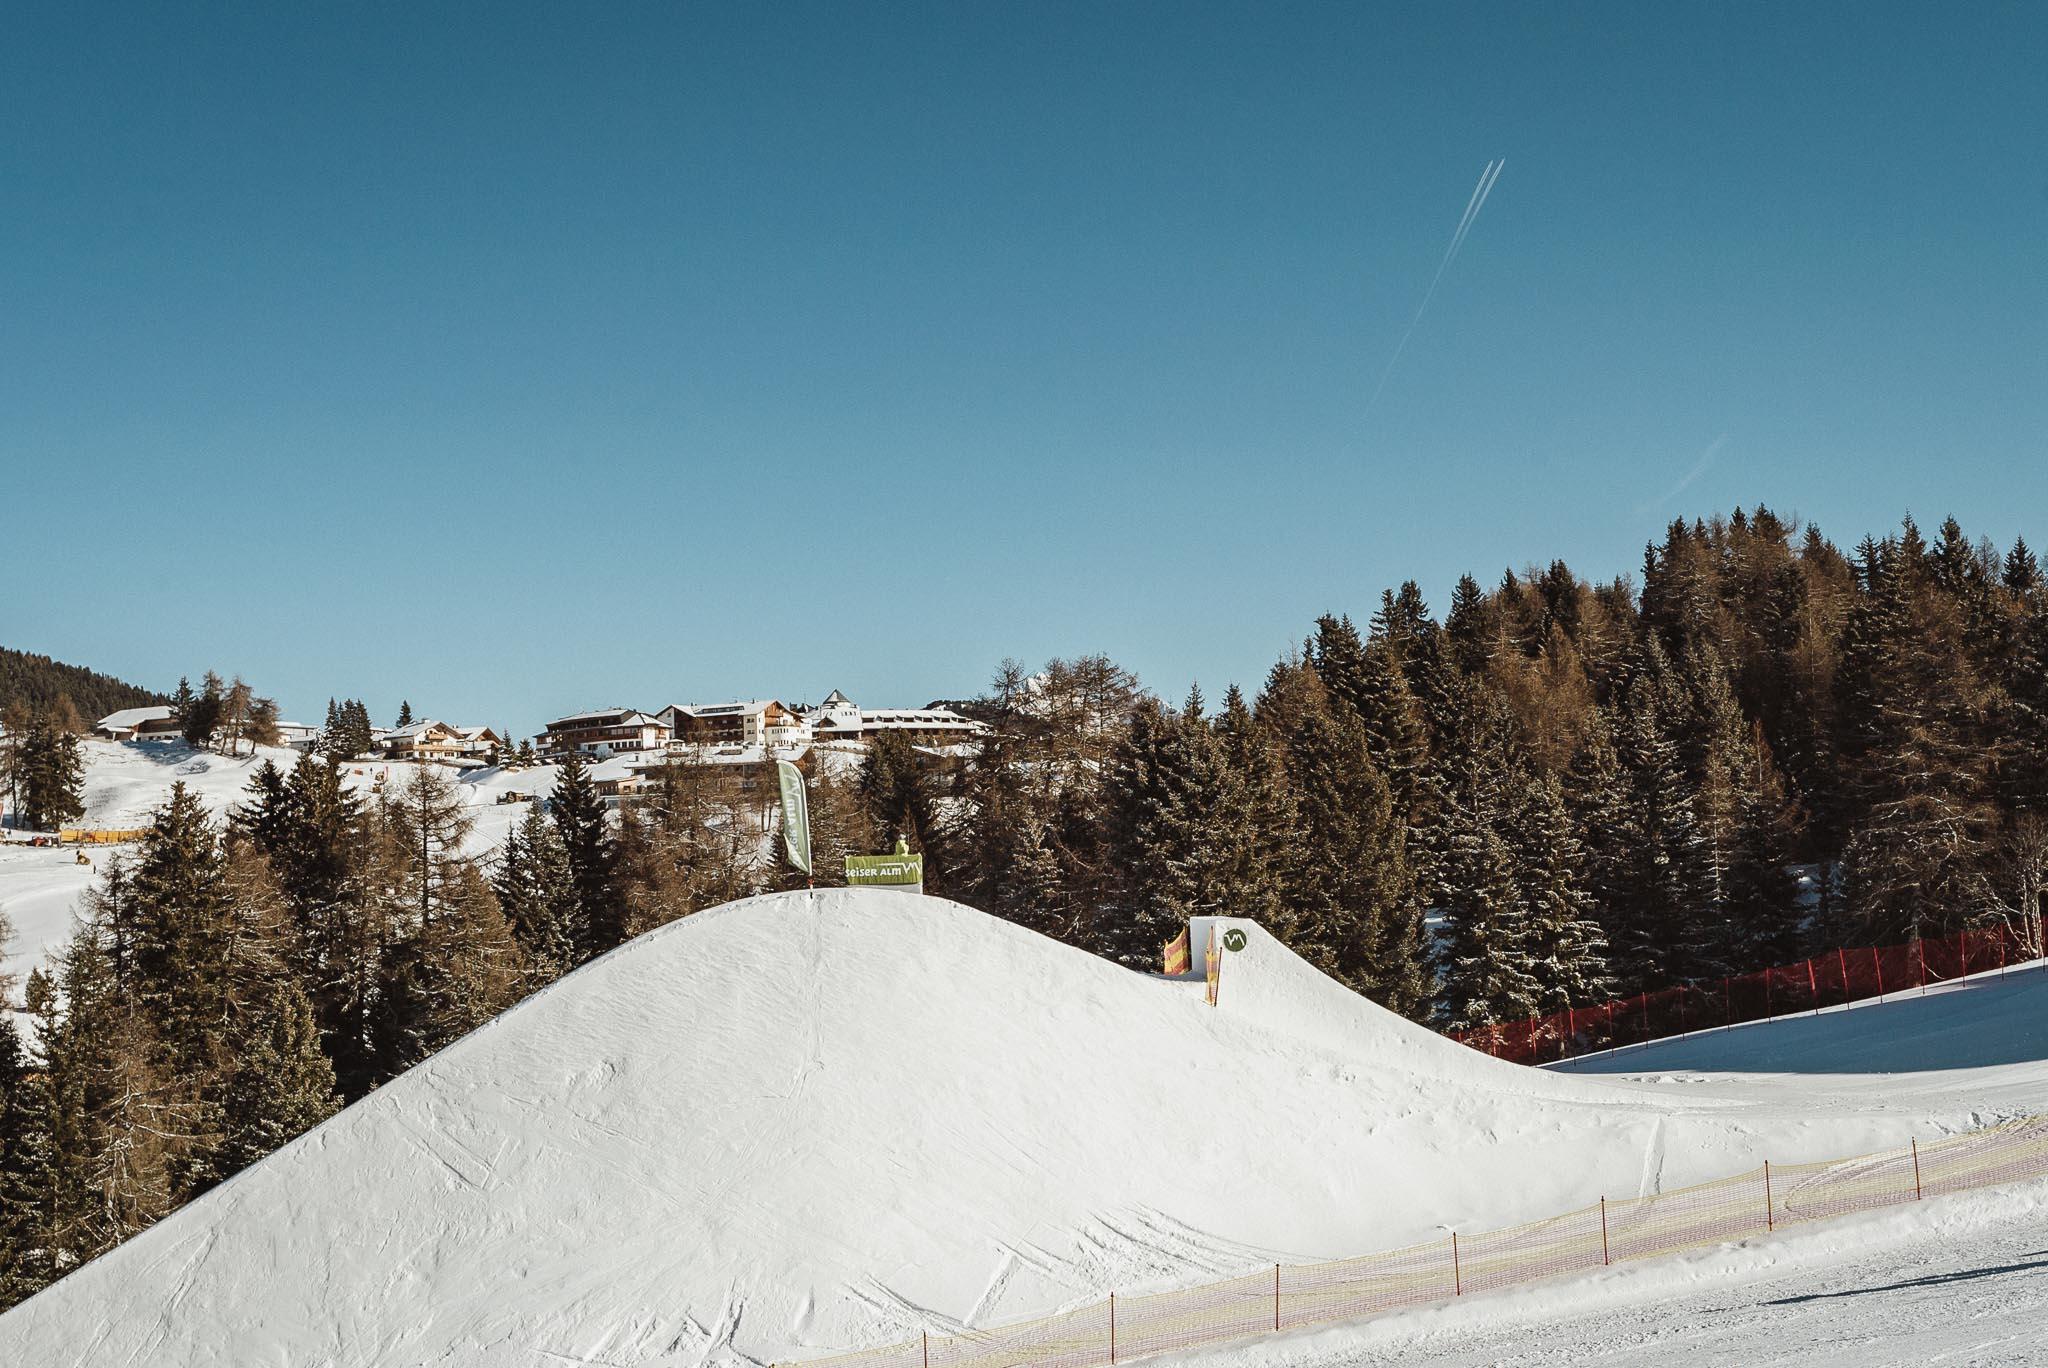 Und zu guter letzt der dritte Pro Jump im Snowpark Seiser Alm.